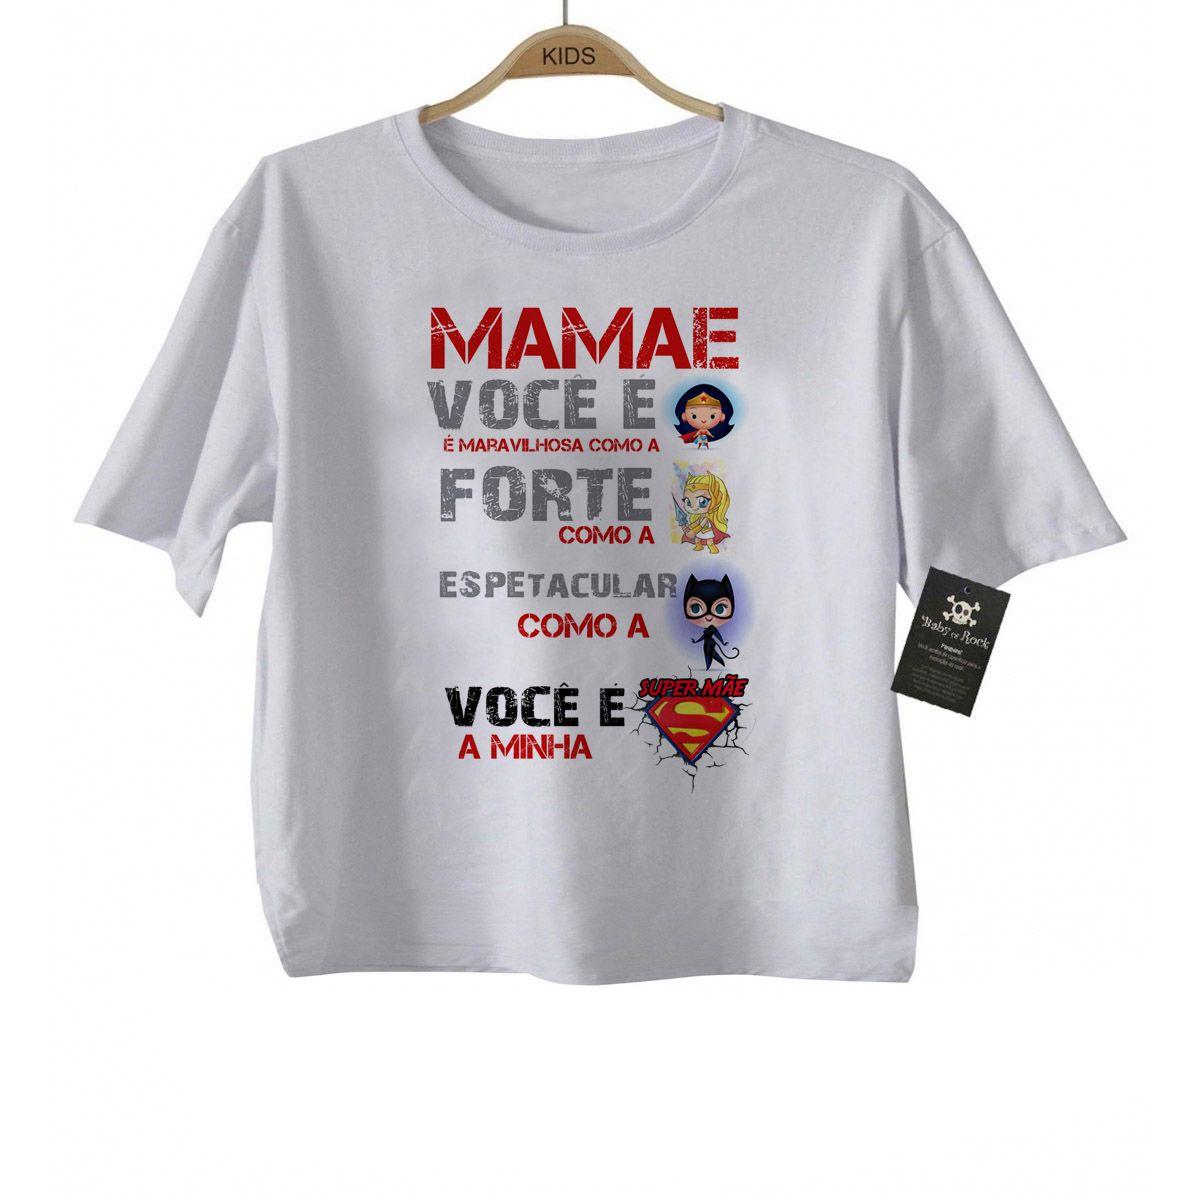 c0136f0d8 Camiseta Infantil Super Mãe Maravilha - White - Baby Monster - Body ...